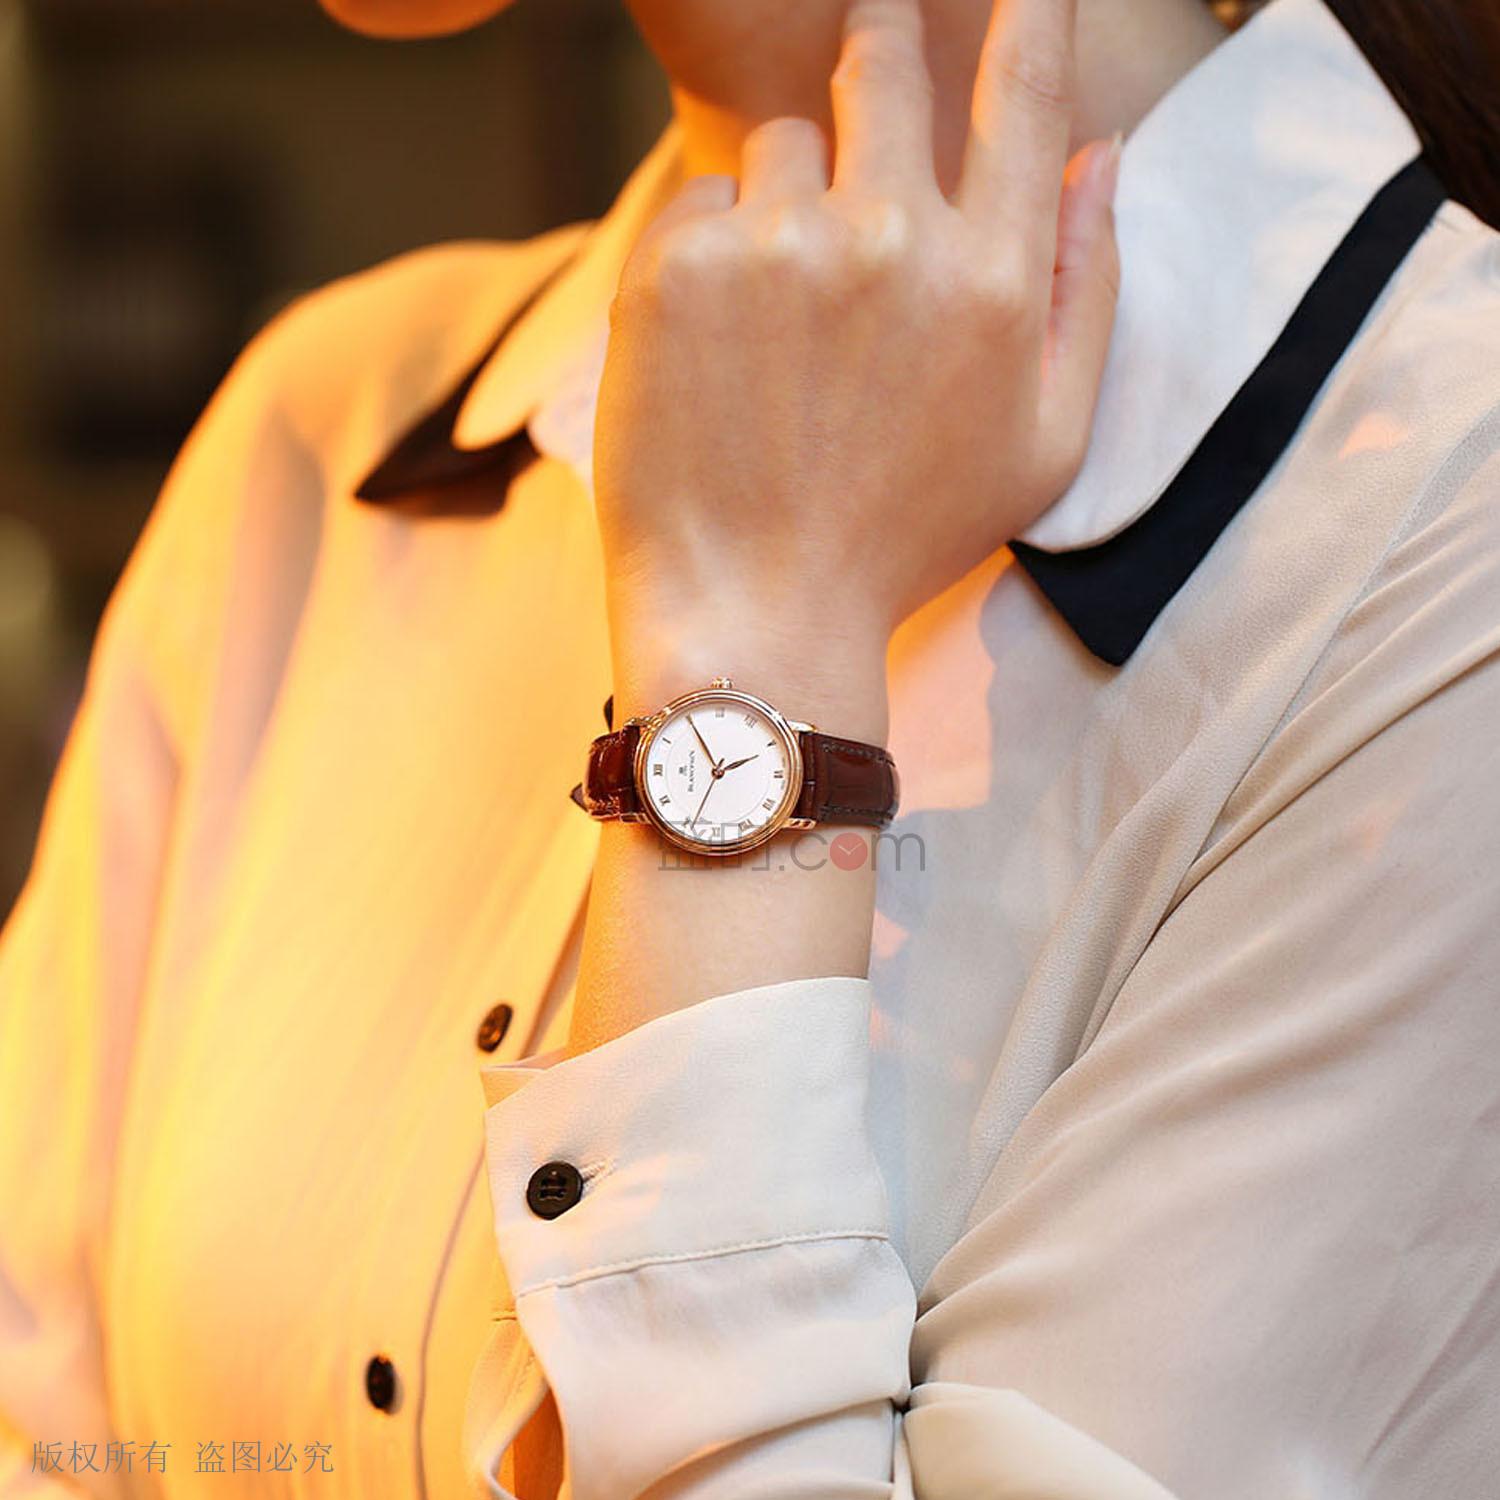 宝珀 Blancpain VILLERET系列 6102-3642-55A 机械 女款